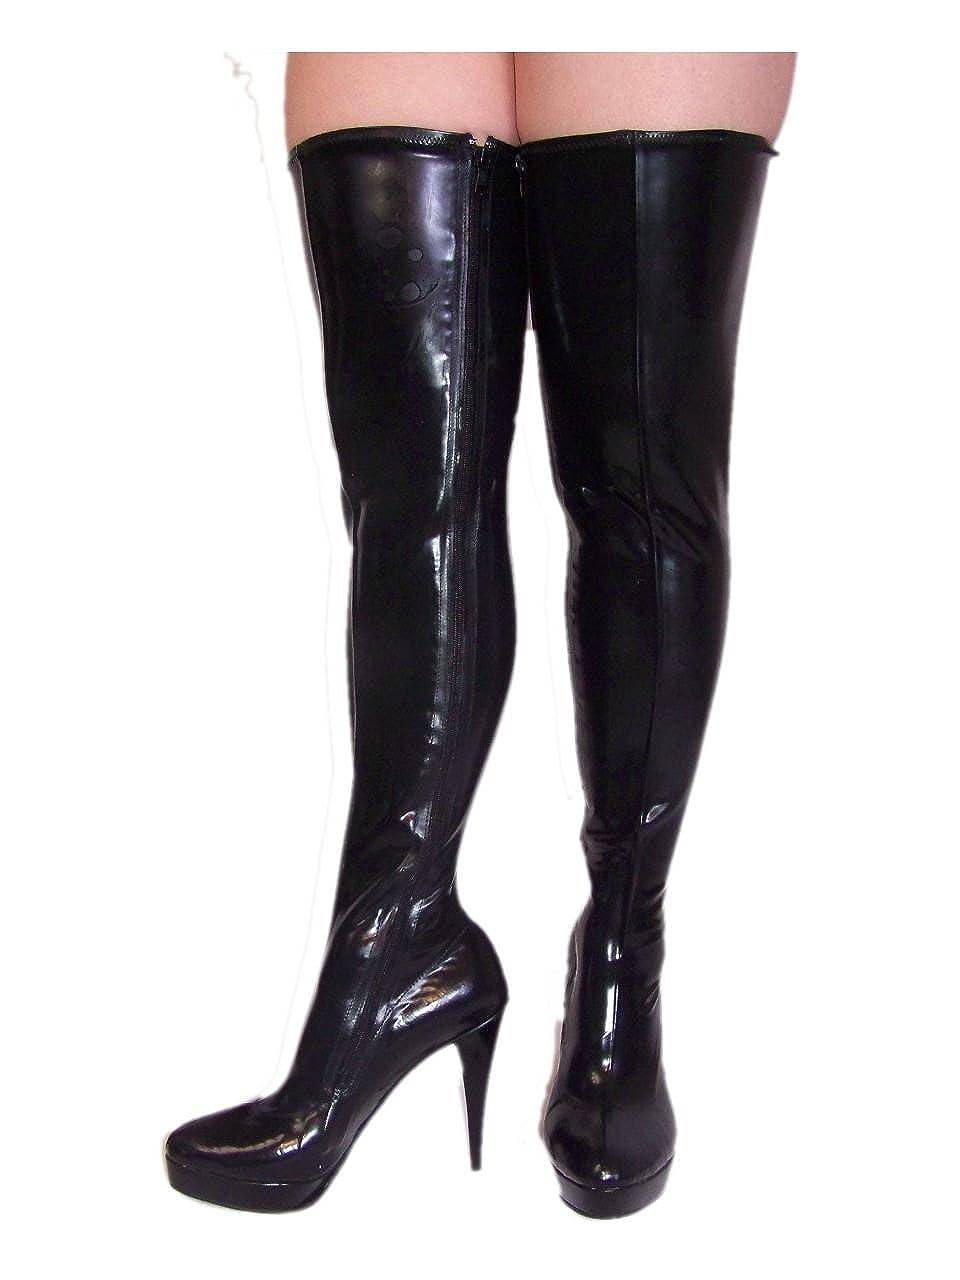 Latex Gummi Rubber Stiefel high Heel 13cm Bolingier Poland Größe 37-47 FS887